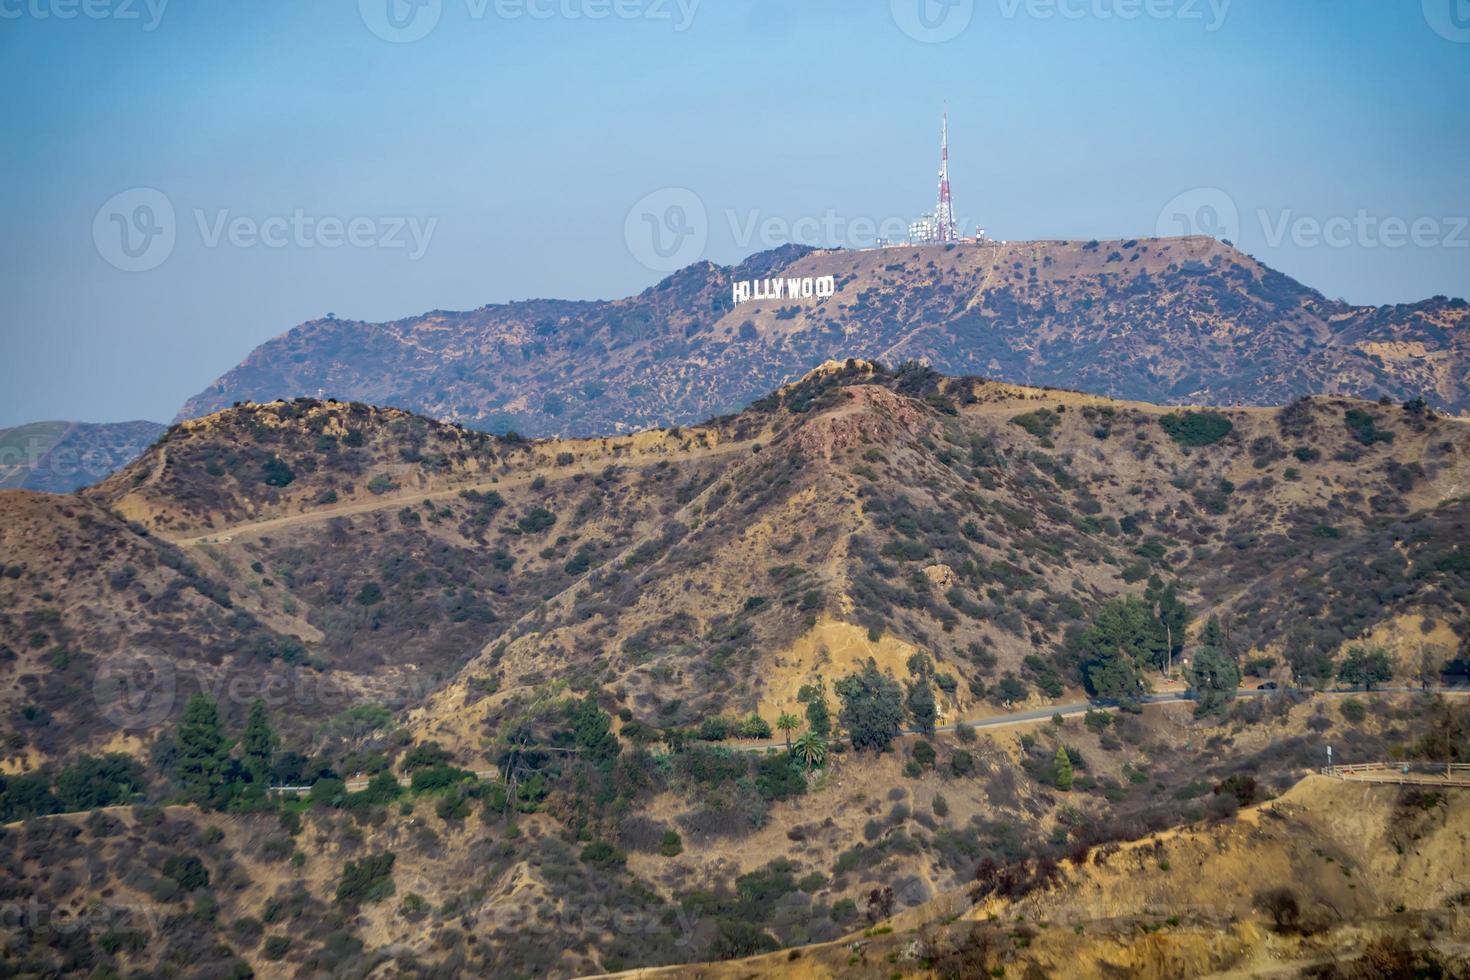 famosa placa de hollywood em uma colina à distância foto